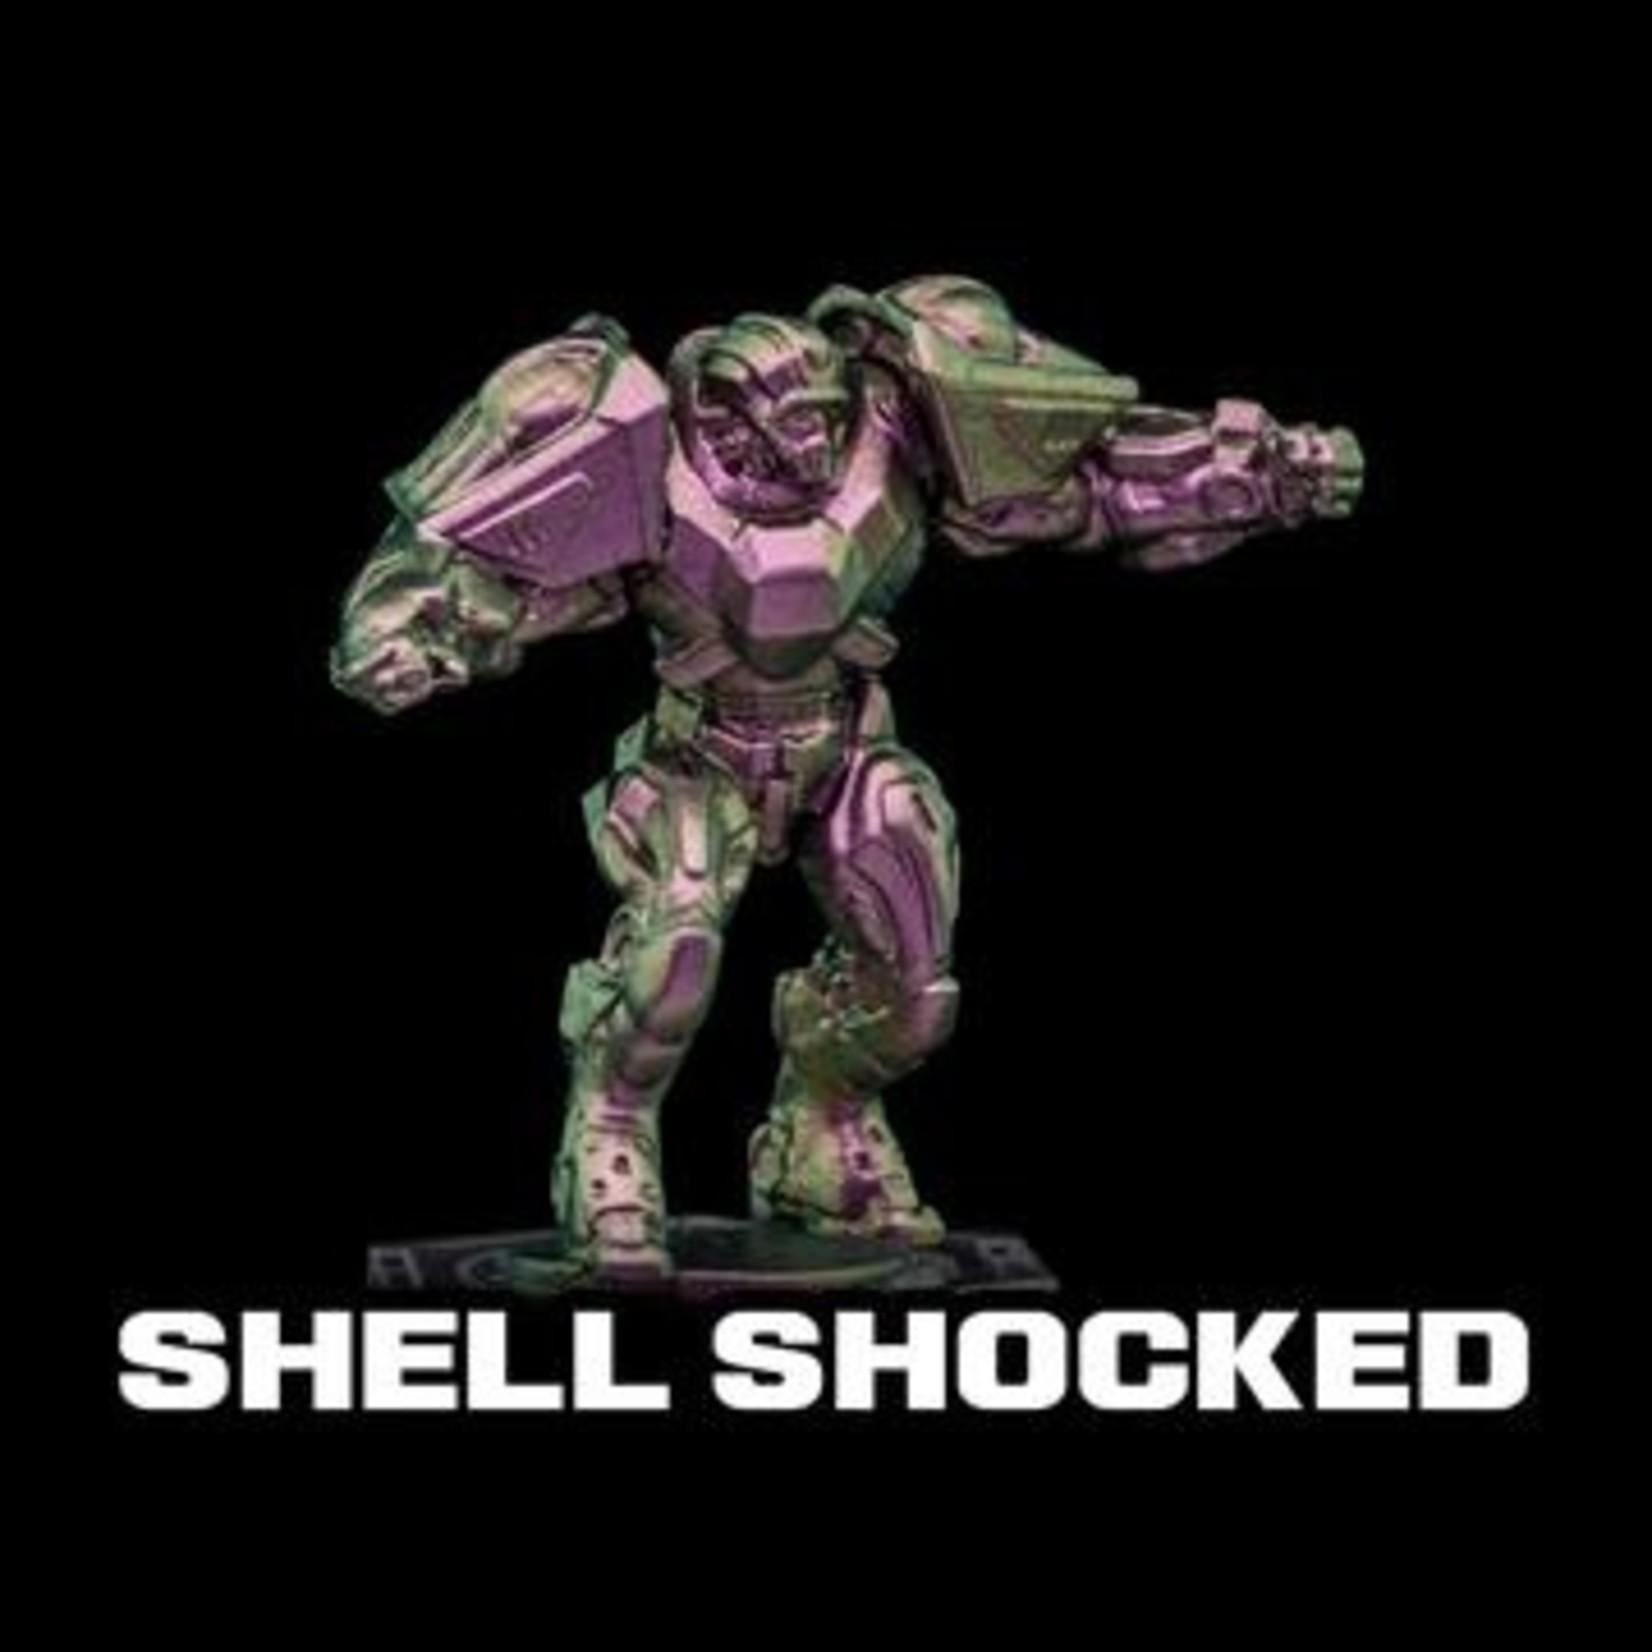 Turbo Dork Shellshocked (Turboshift)